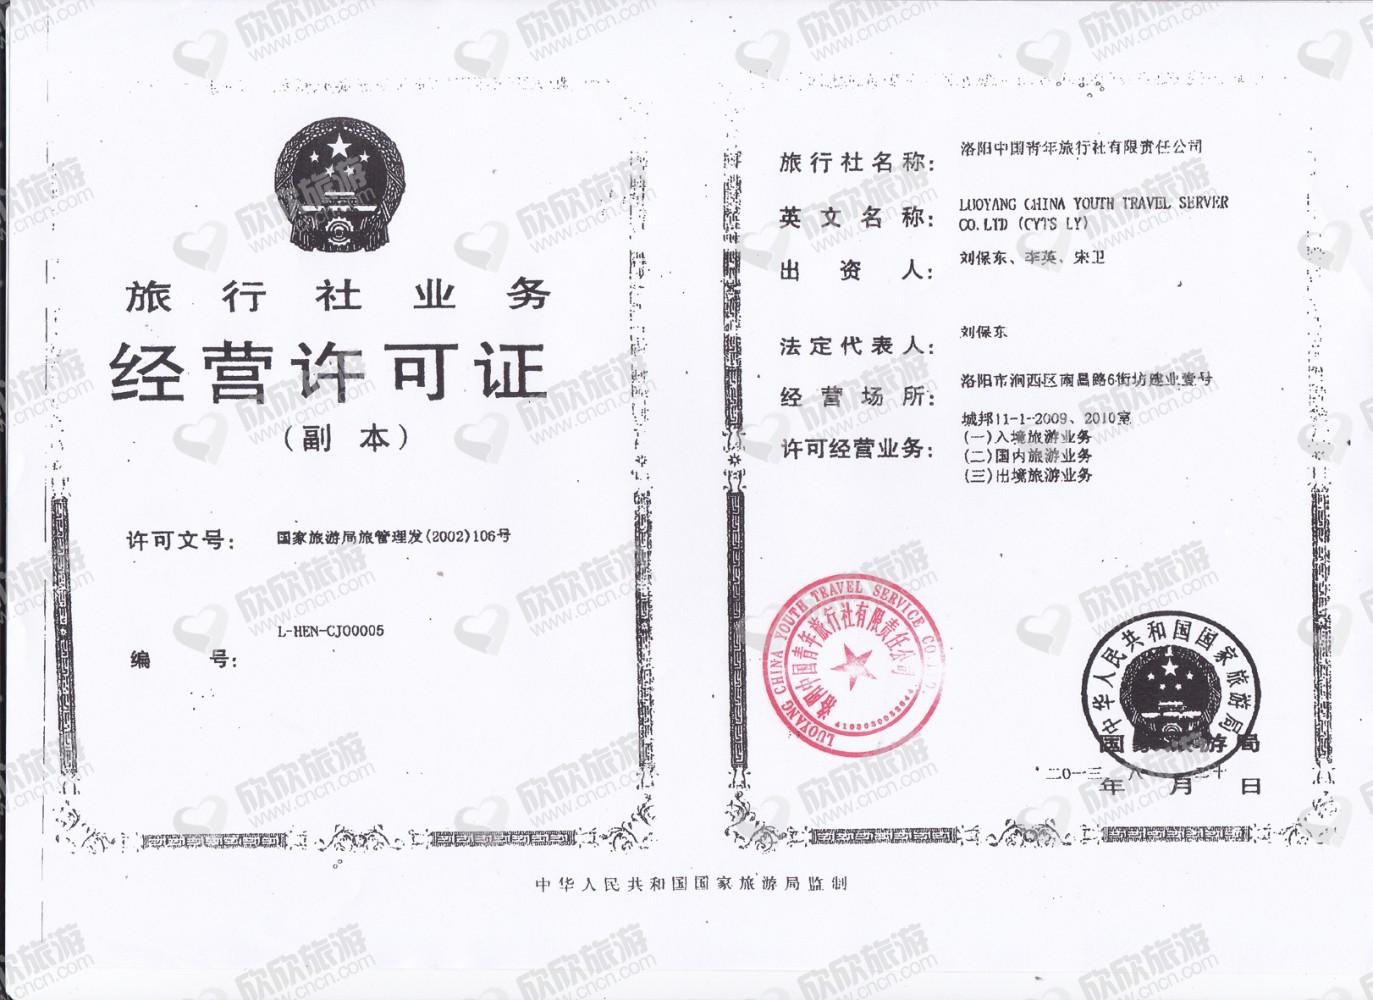 洛阳中国青年旅行社有限责任公司宝龙大厦门市部经营许可证